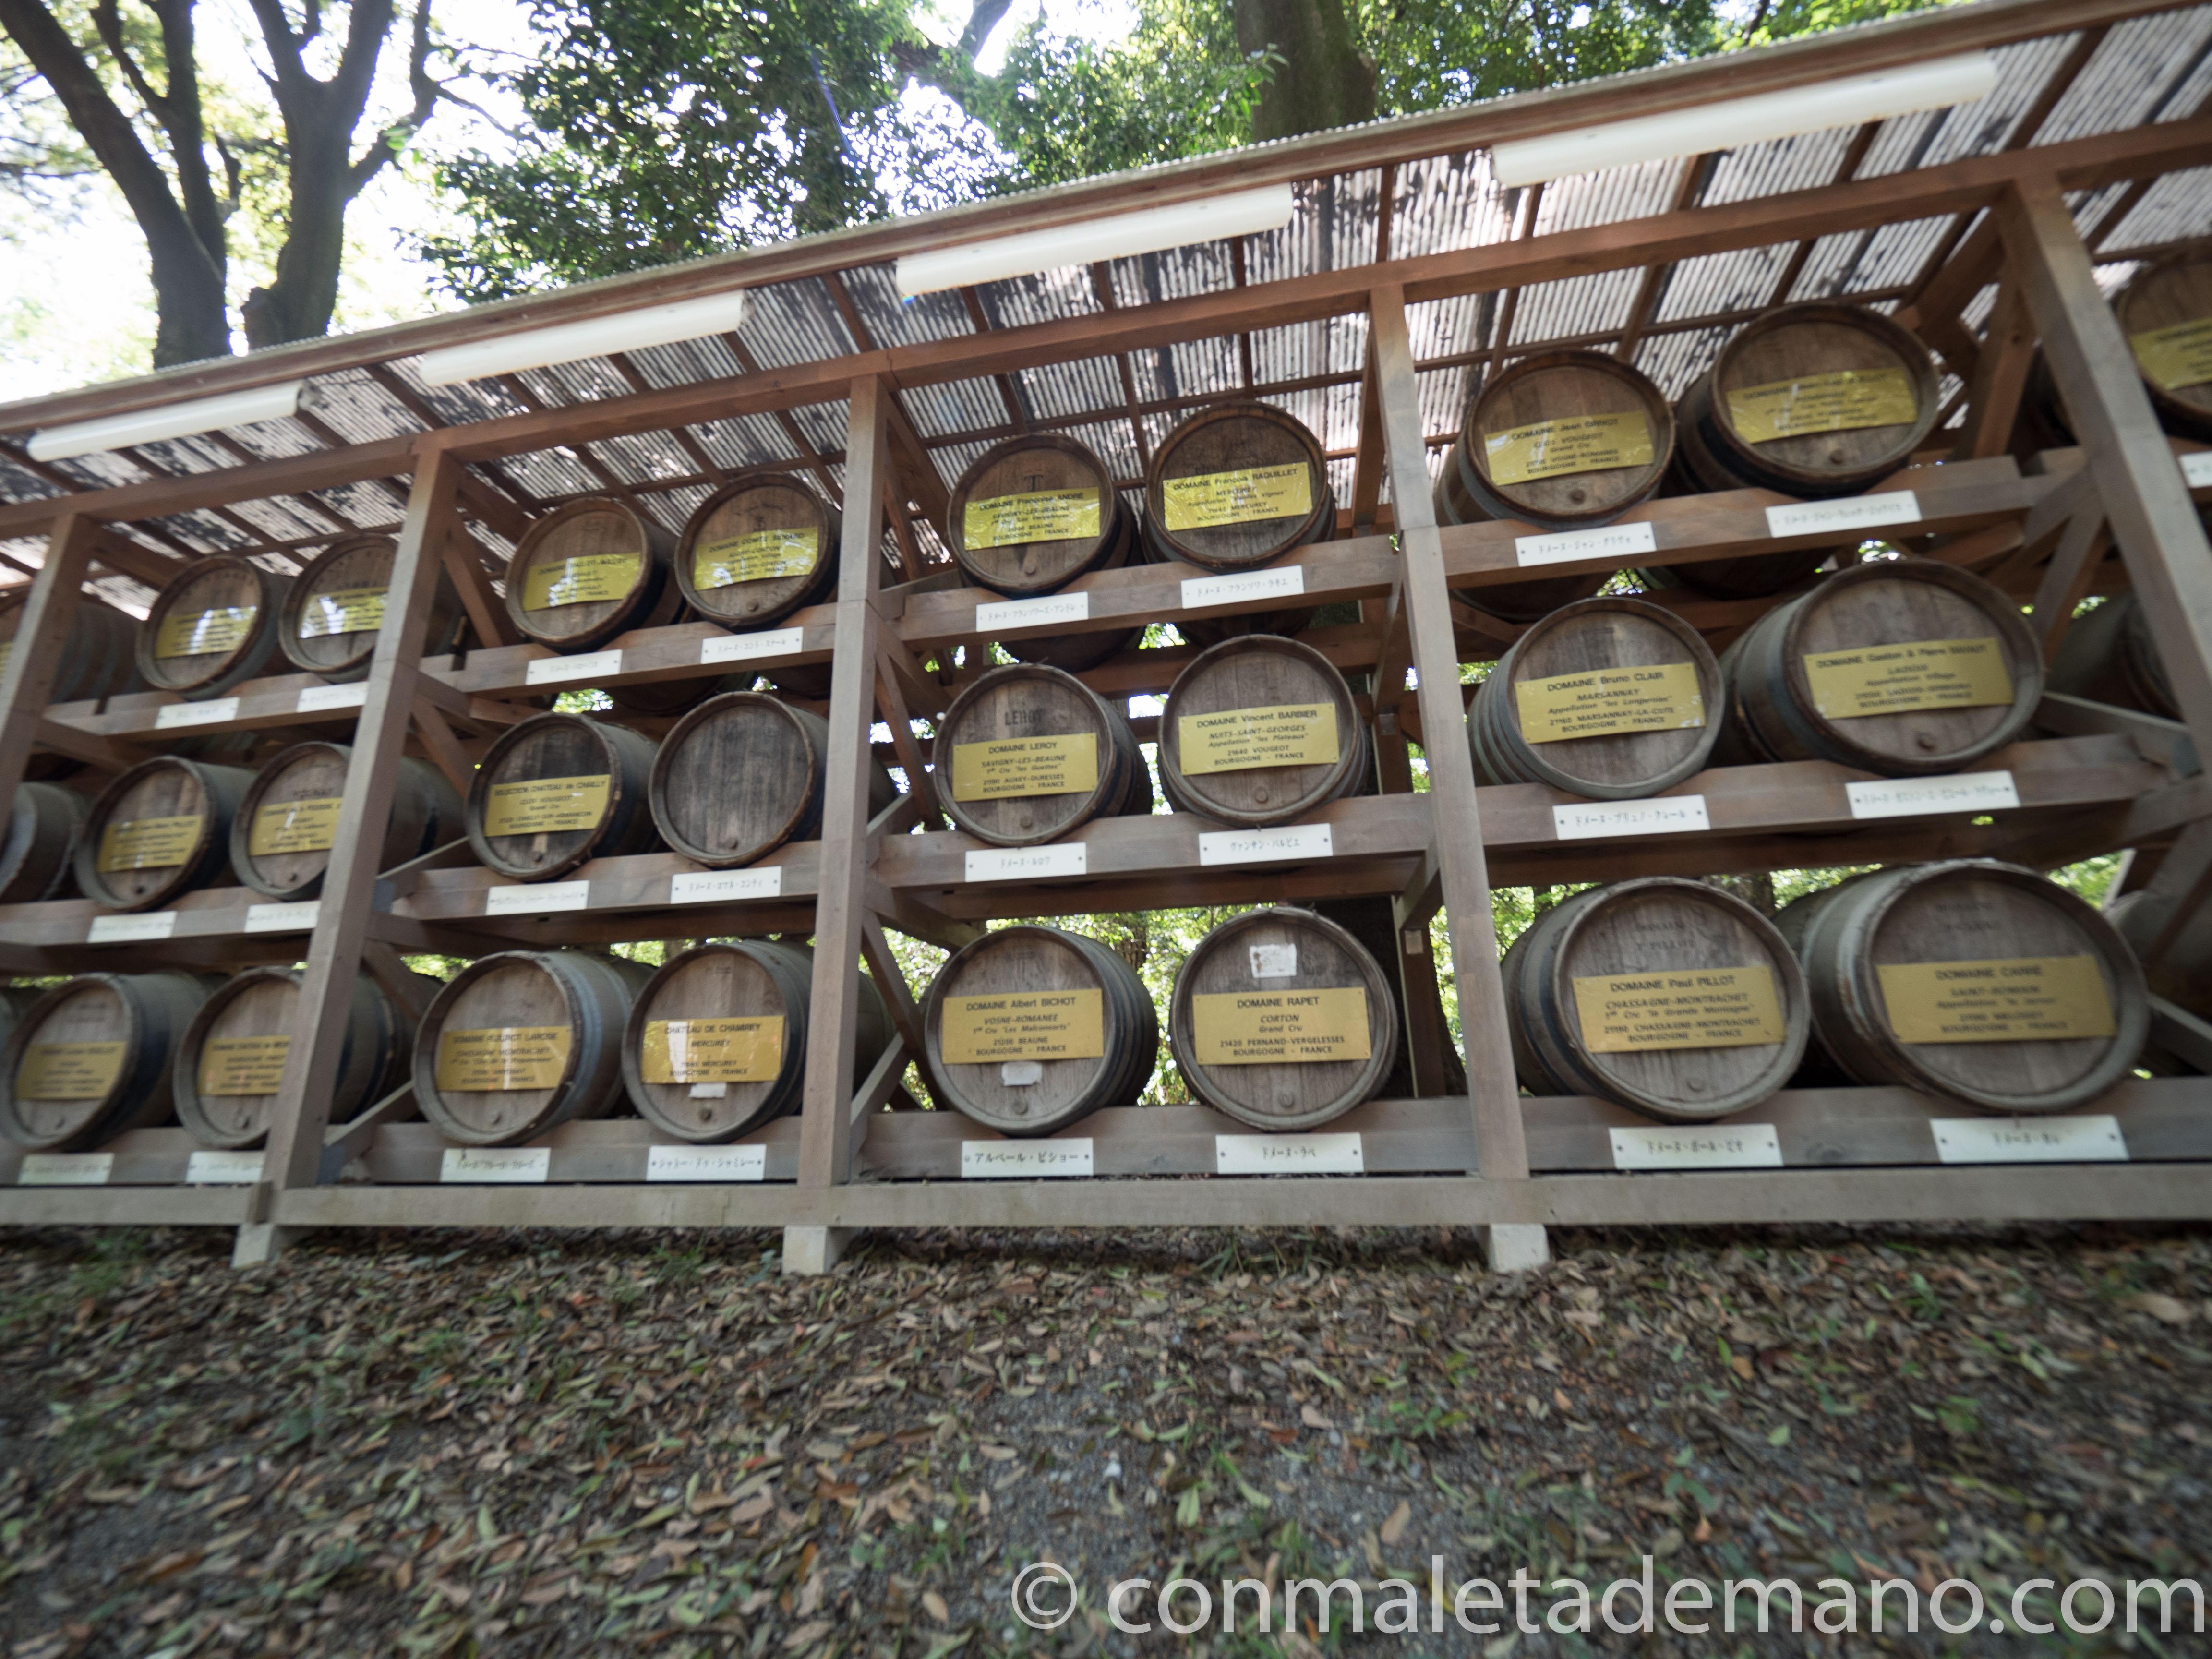 Barriles de Sake, en el Parque Yoyogi